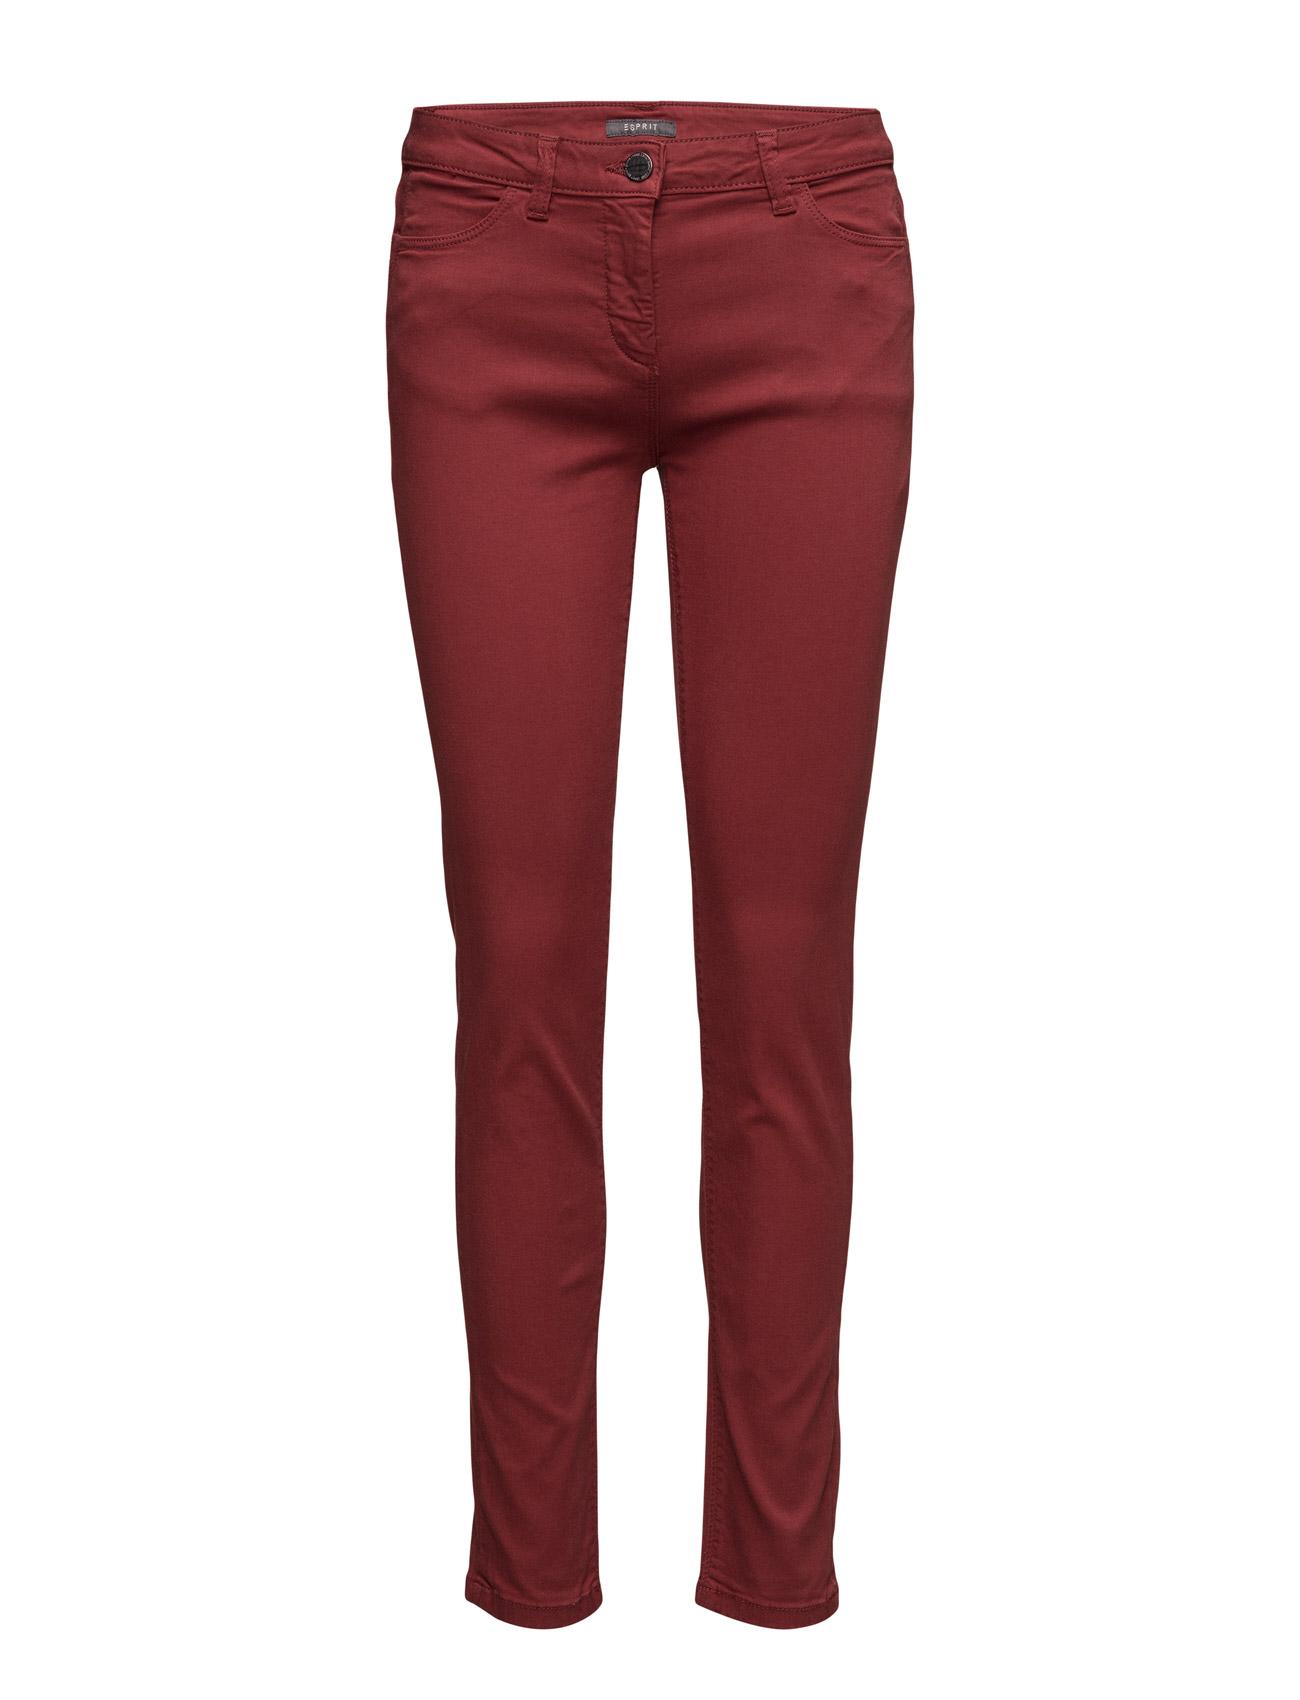 Pants Woven Esprit Collection Skinny til Damer i